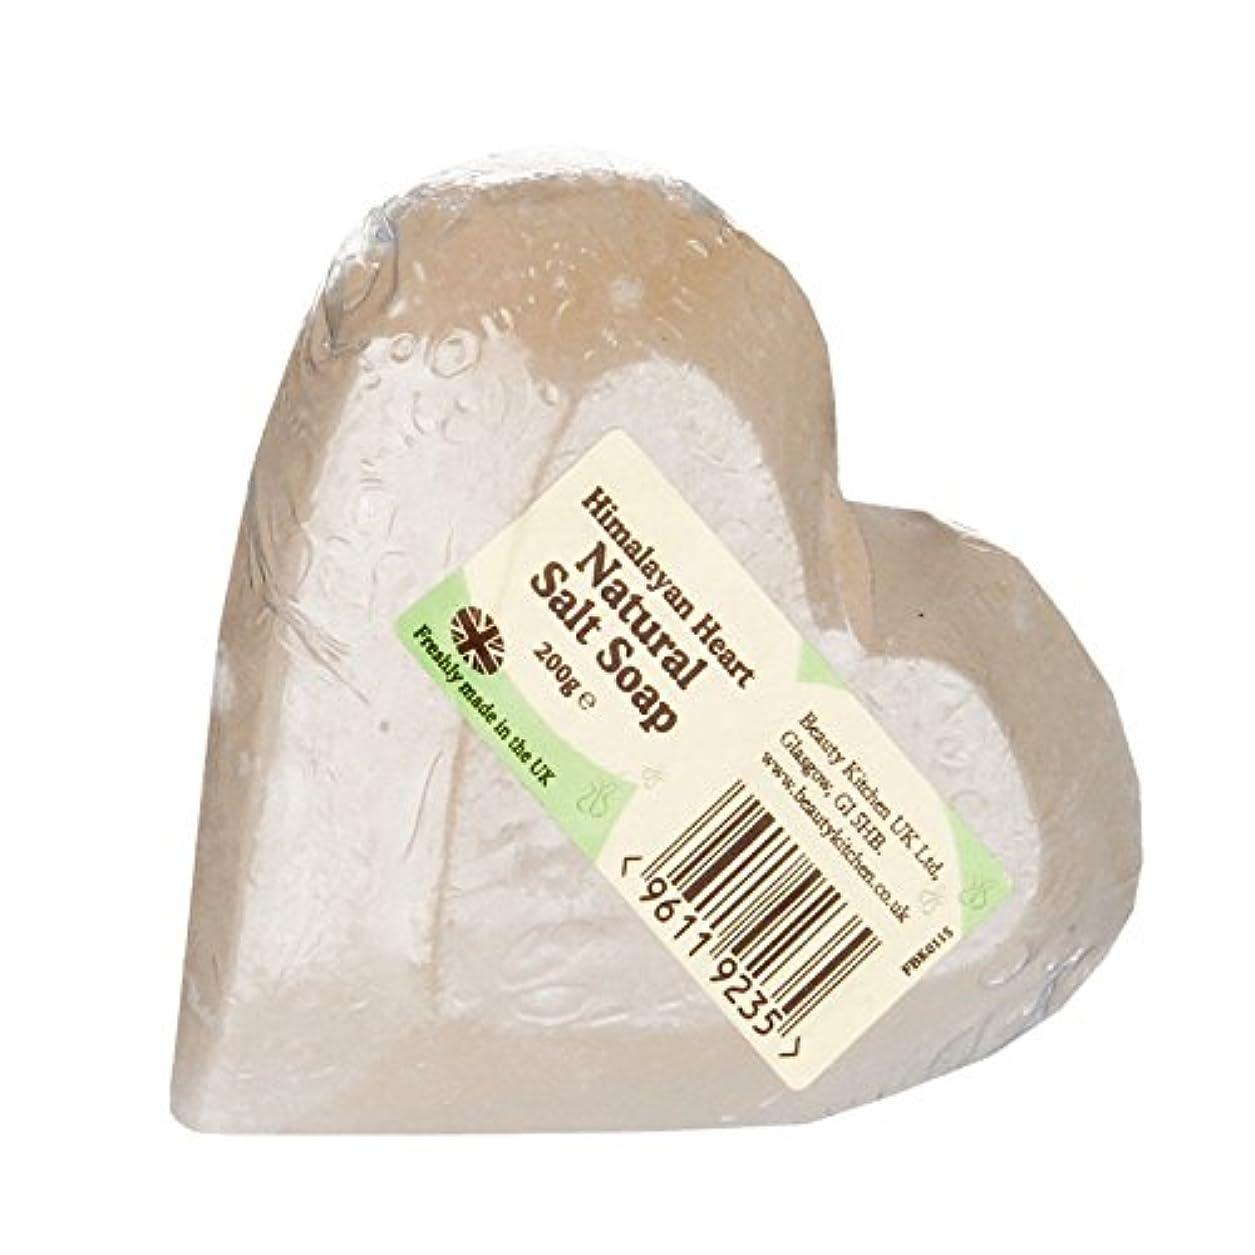 記念碑的な練習噴出する美容キッチンヒマラヤンハートソープ200グラム - Beauty Kitchen Himalayan Heart Soap 200g (Beauty Kitchen) [並行輸入品]